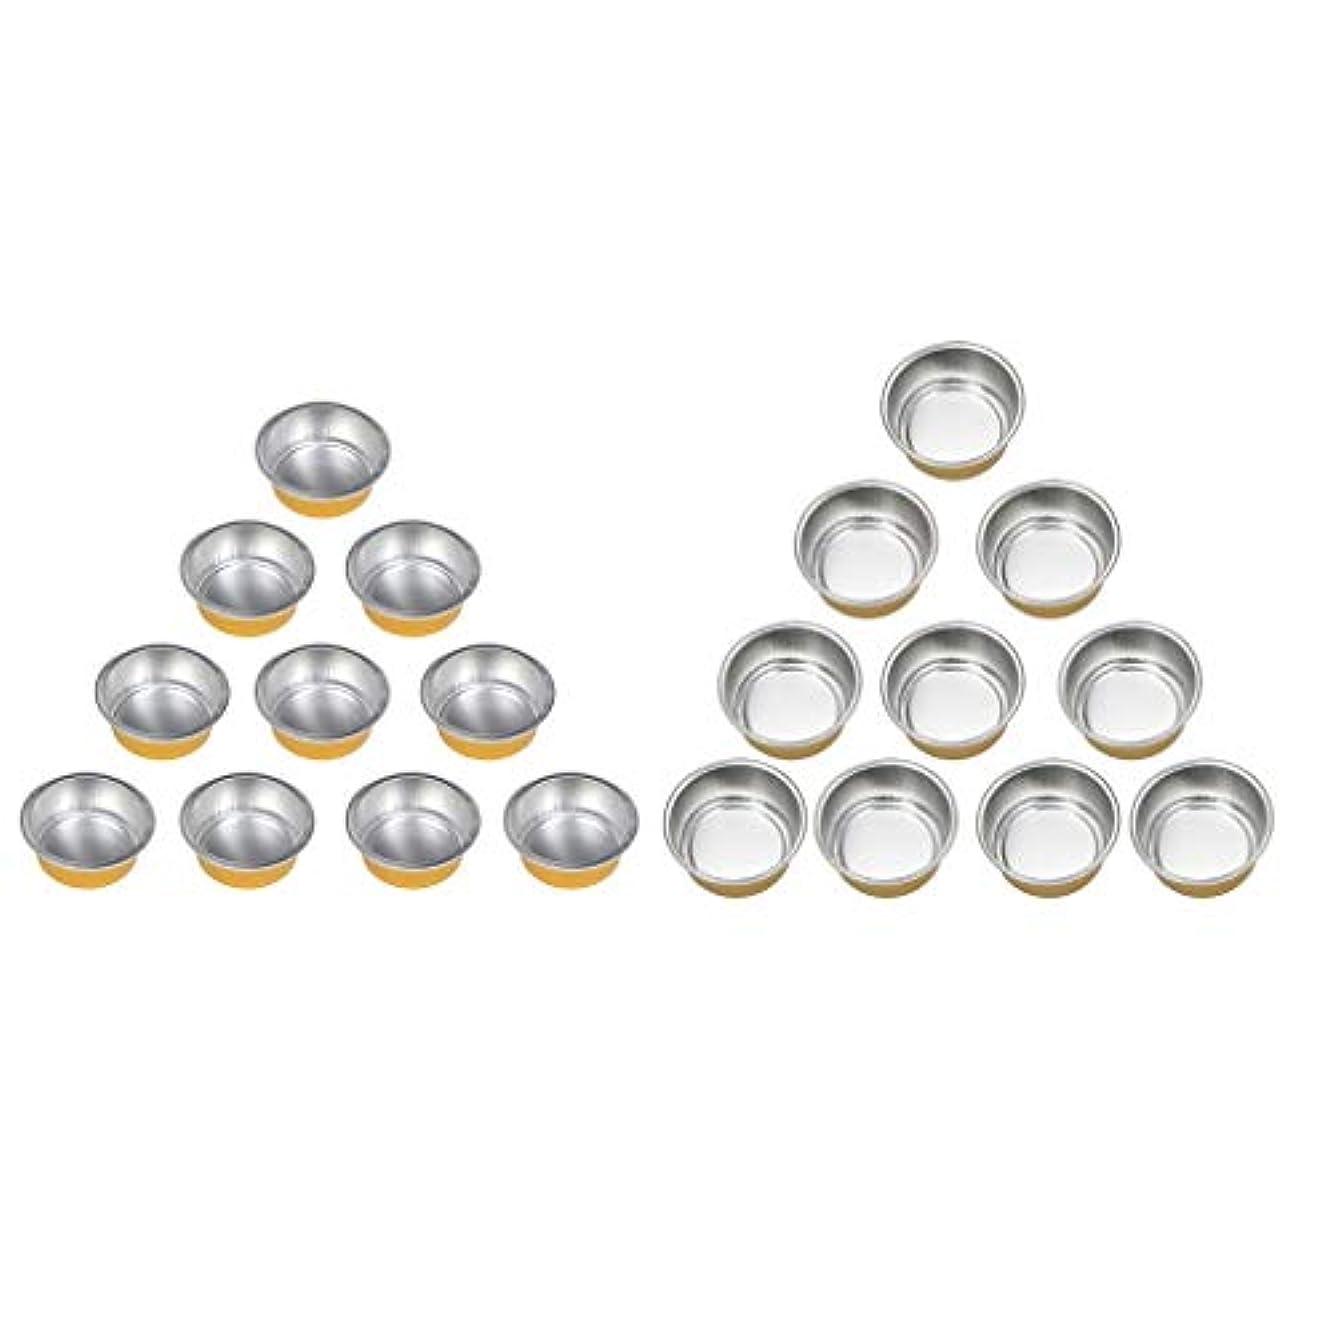 どこプラカードルビーchiwanji ワックスヒーターマシンのための20個のホットアルミ箔ワックス溶融マグカップボウルポット錫